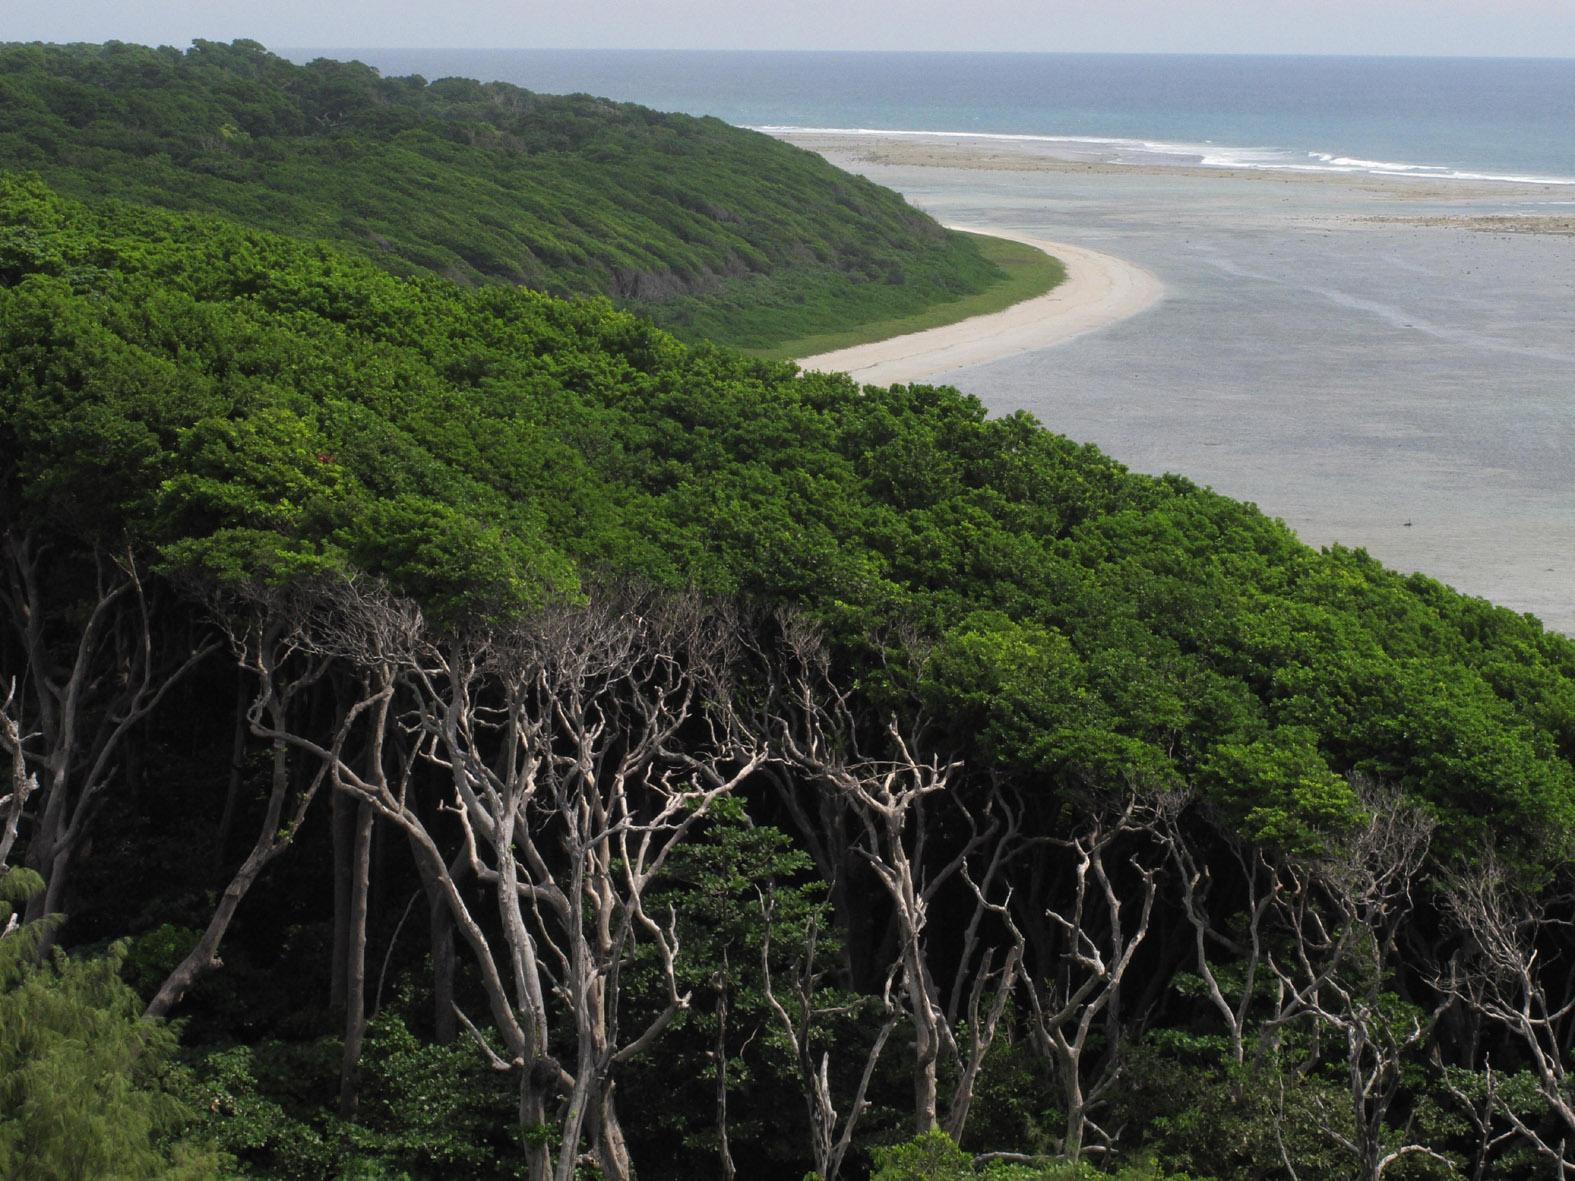 foto van bovenaf van landschap van bossen die grenzen aan de zee